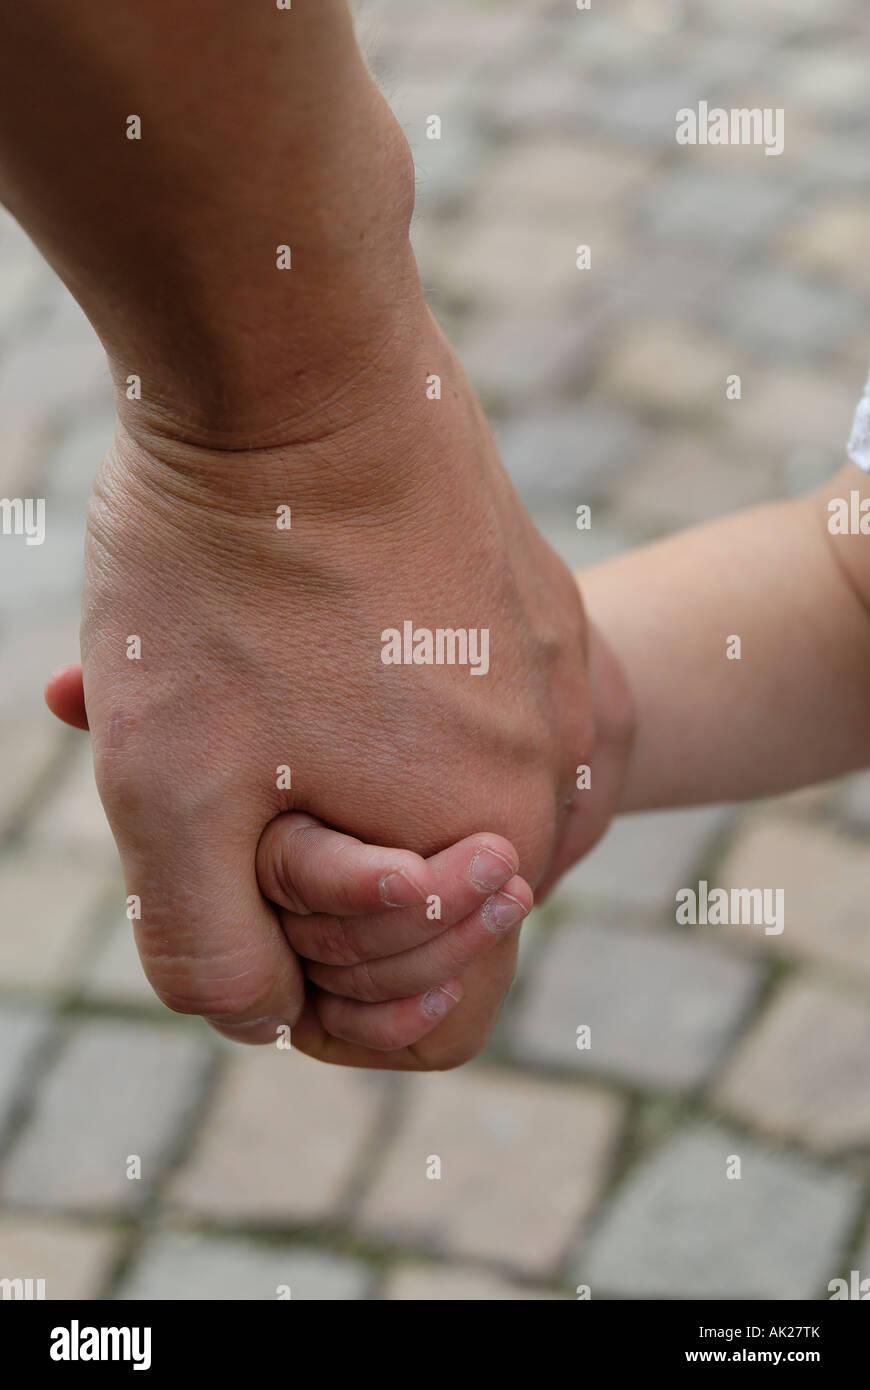 Kleinkind an der Hand Children at hand - Stock Image